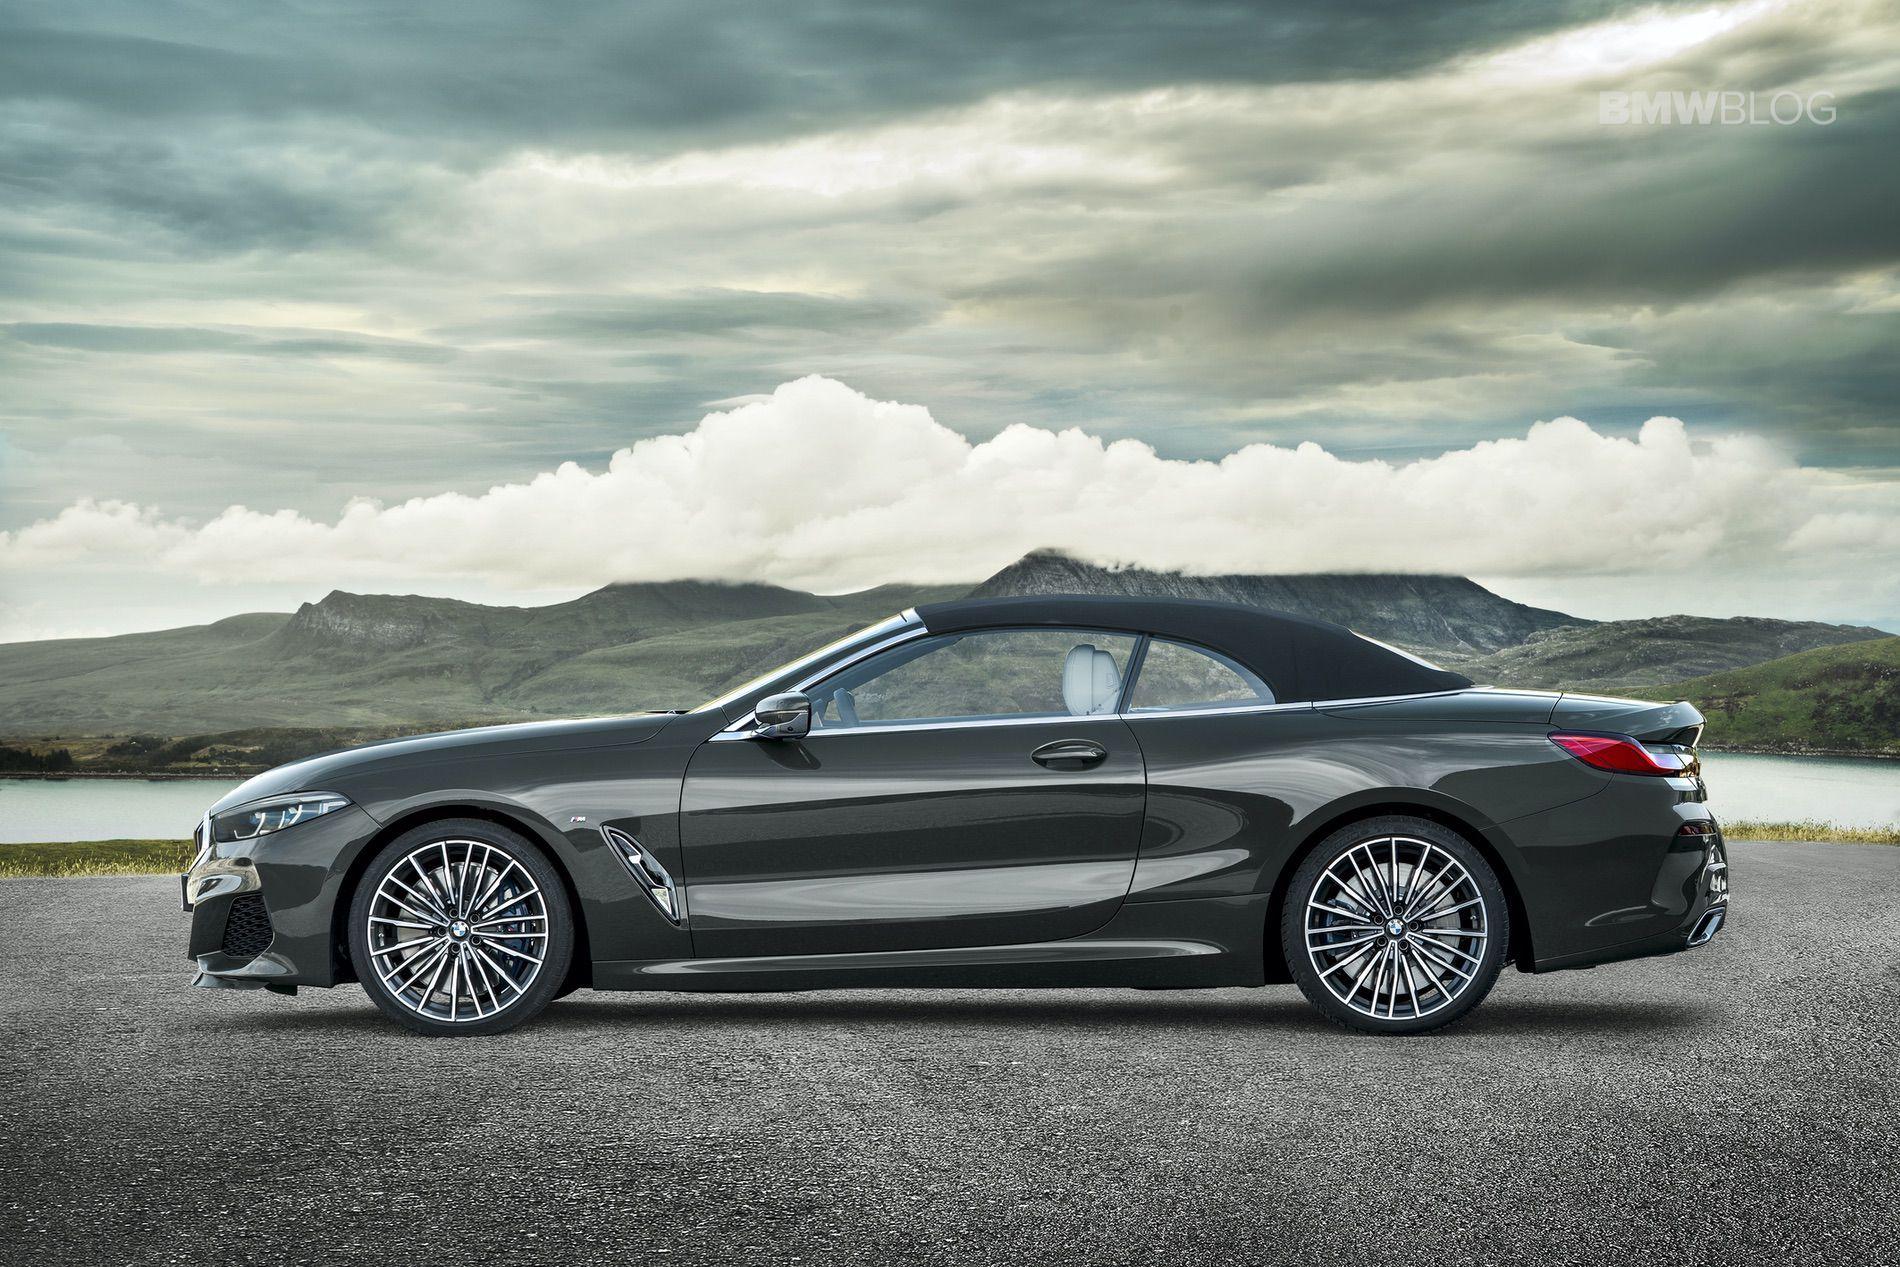 Comparison Bmw 8 Series Convertible Vs Mercedes S Class Cabrio